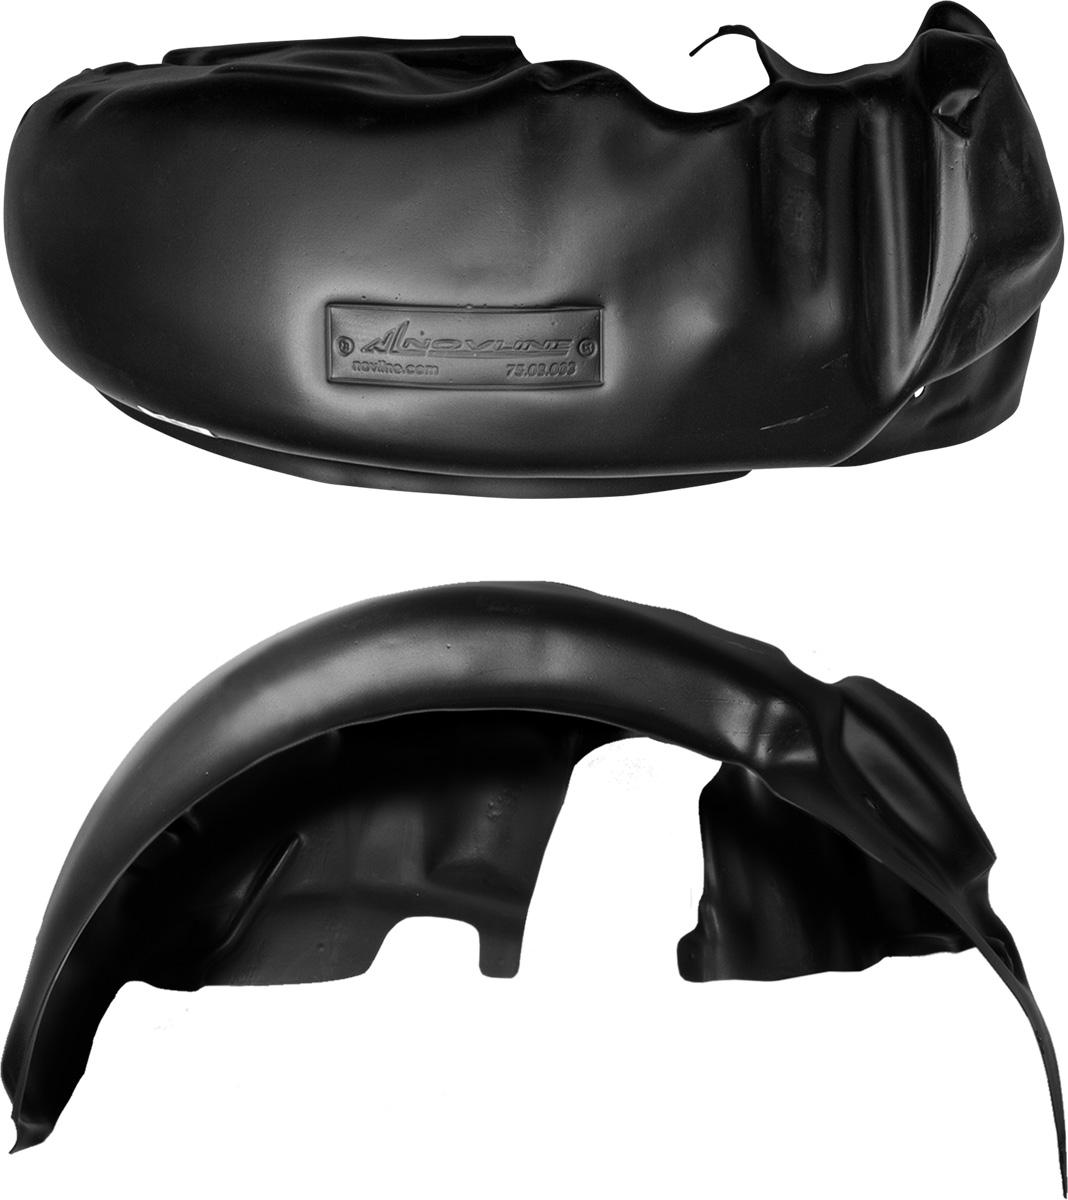 Подкрылок RENAULT Duster 4x4, 05/2015->, задний левыйNLL.41.41.003Колесные ниши – одни из самых уязвимых зон днища вашего автомобиля. Они постоянно подвергаются воздействию со стороны дороги. Лучшая, почти абсолютная защита для них - специально отформованные пластиковые кожухи, которые называются подкрылками, или локерами. Производятся они как для отечественных моделей автомобилей, так и для иномарок. Подкрылки выполнены из высококачественного, экологически чистого пластика. Обеспечивают надежную защиту кузова автомобиля от пескоструйного эффекта и негативного влияния, агрессивных антигололедных реагентов. Пластик обладает более низкой теплопроводностью, чем металл, поэтому в зимний период эксплуатации использование пластиковых подкрылков позволяет лучше защитить колесные ниши от налипания снега и образования наледи. Оригинальность конструкции подчеркивает элегантность автомобиля, бережно защищает нанесенное на днище кузова антикоррозийное покрытие и позволяет осуществить крепление подкрылков внутри колесной арки практически без дополнительного крепежа и сверления, не нарушая при этом лакокрасочного покрытия, что предотвращает возникновение новых очагов коррозии. Технология крепления подкрылков на иномарки принципиально отличается от крепления на российские автомобили и разрабатывается индивидуально для каждой модели автомобиля. Подкрылки долговечны, обладают высокой прочностью и сохраняют заданную форму, а также все свои физико-механические характеристики в самых тяжелых климатических условиях ( от -50° С до + 50° С).